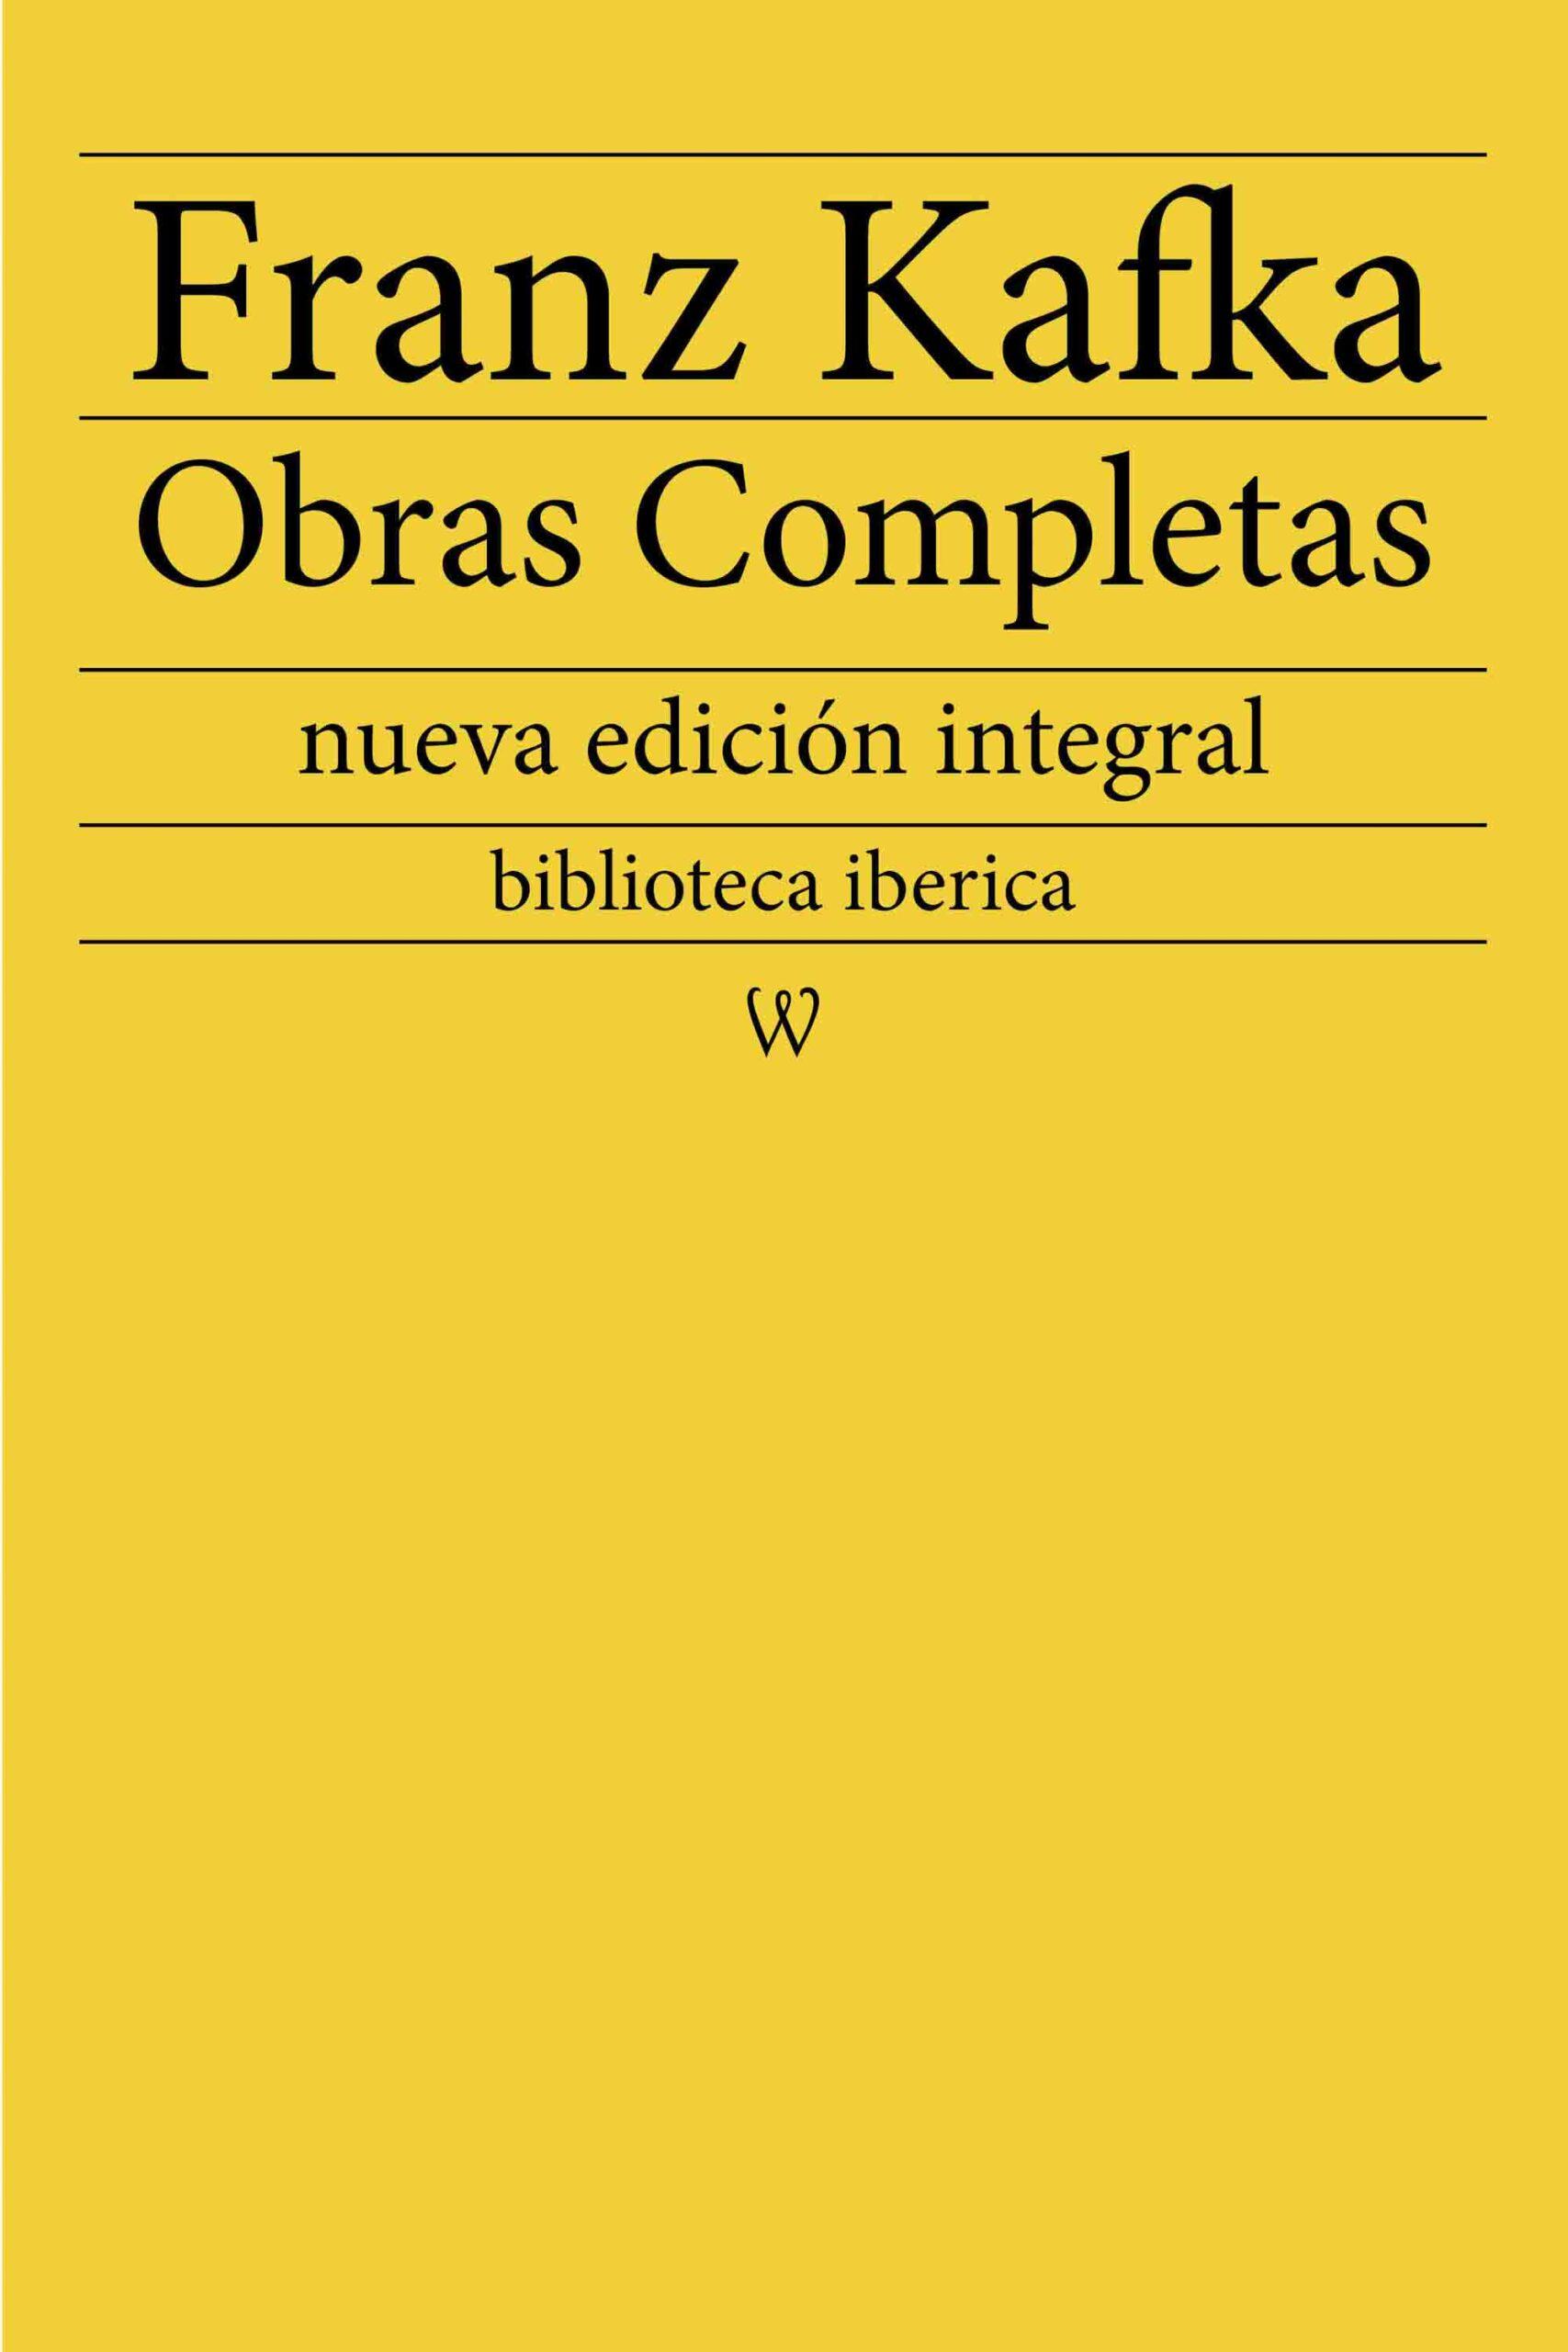 Franz Kafka: Obras completas (nueva edición integral)